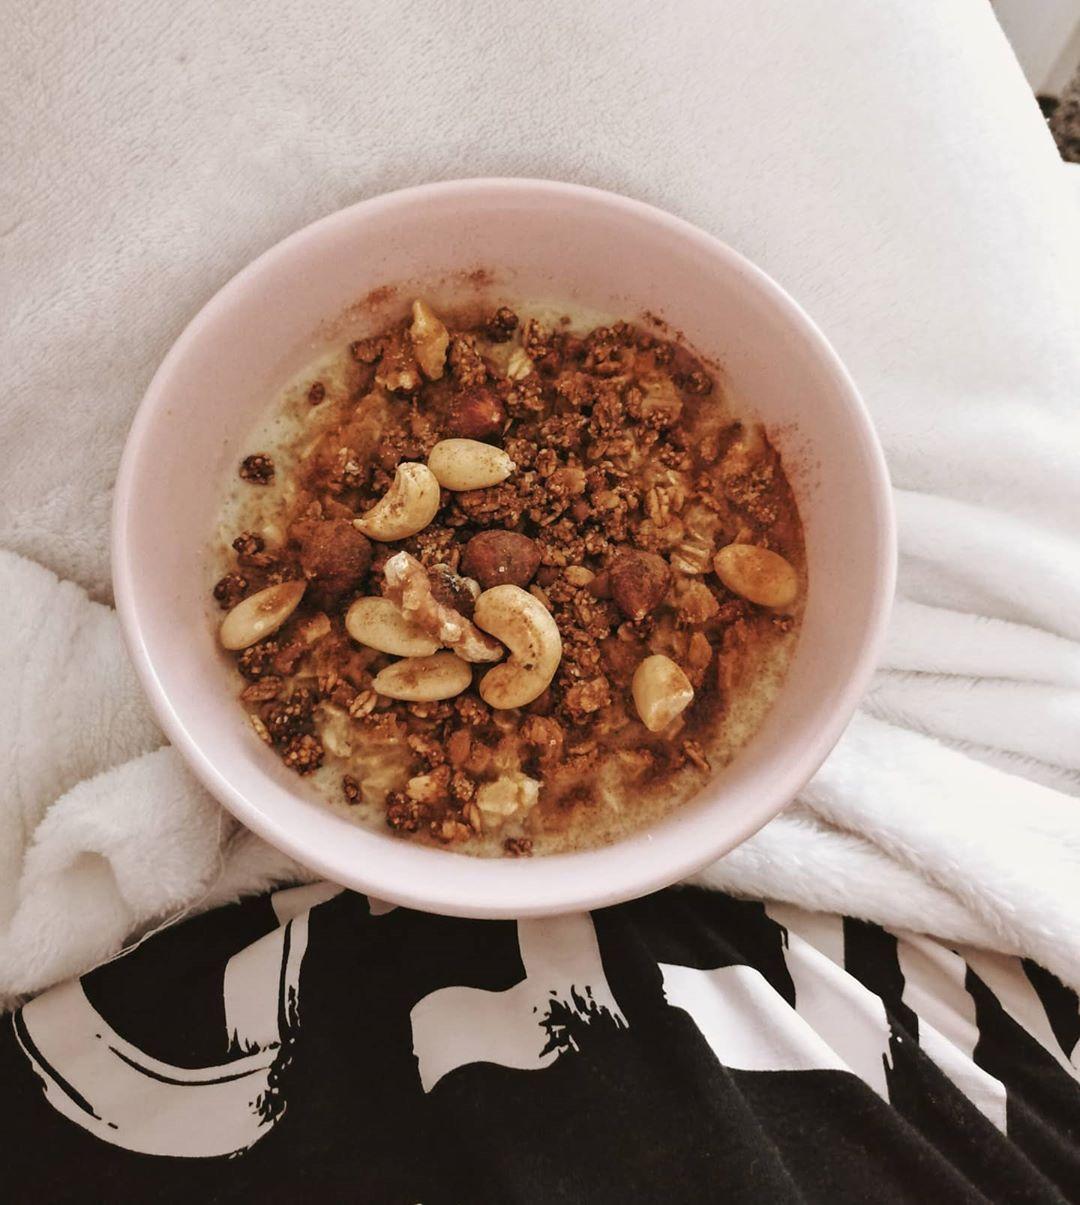 Guten Morgen  wie immer, gibt es mein geliebtes Porridge  heute wird den ganzen - Guten Morgen 🤓💗 wi...